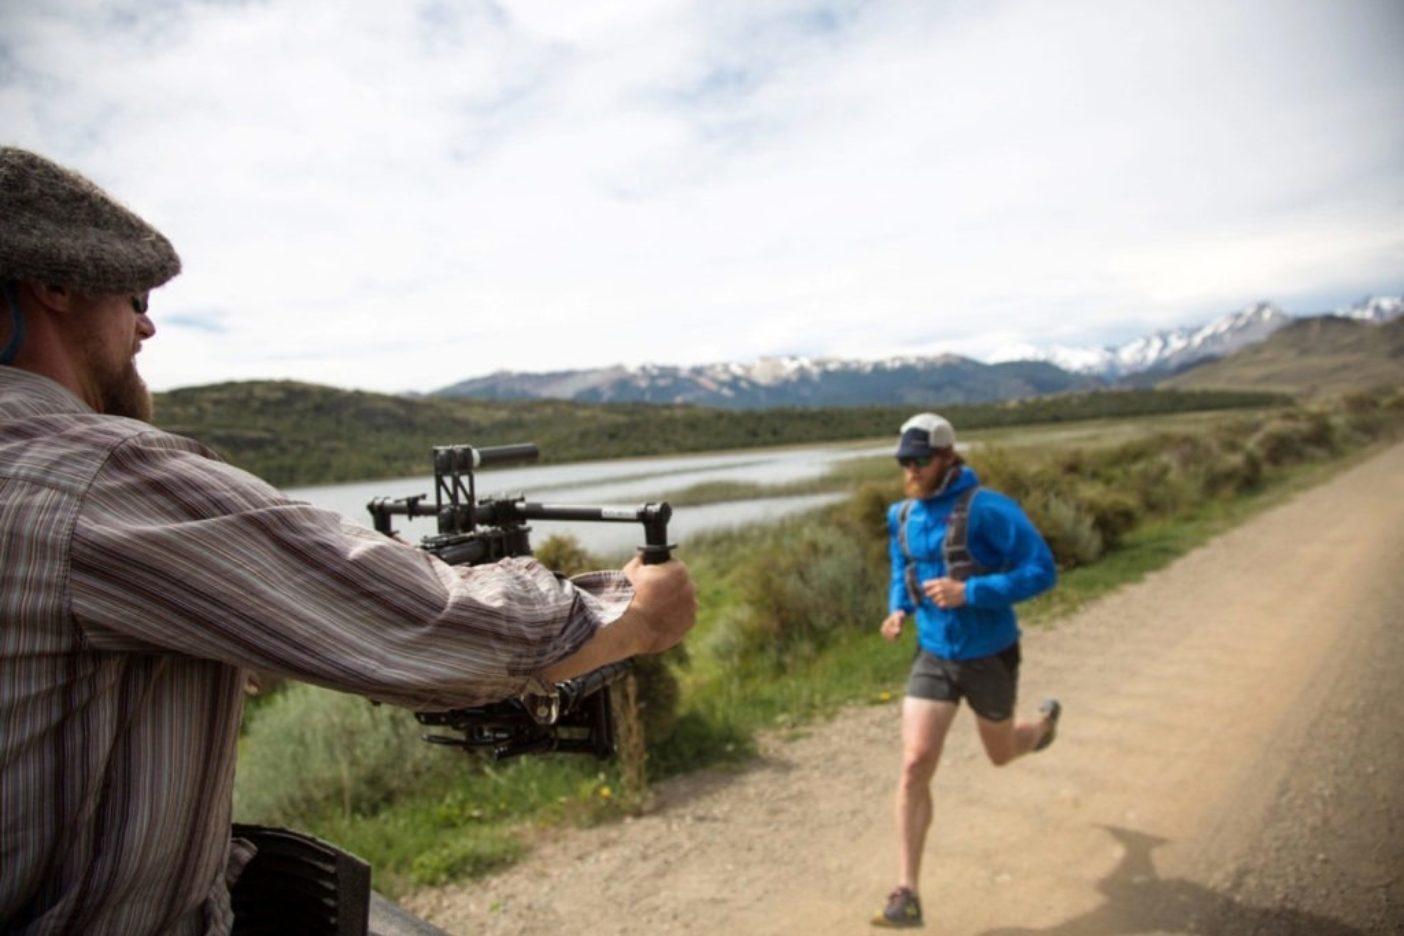 トレイルランニングと自然保護の映画『マイル・フォー・マイル』撮影中のルーク・ネルソン。Photo: James Q Martin